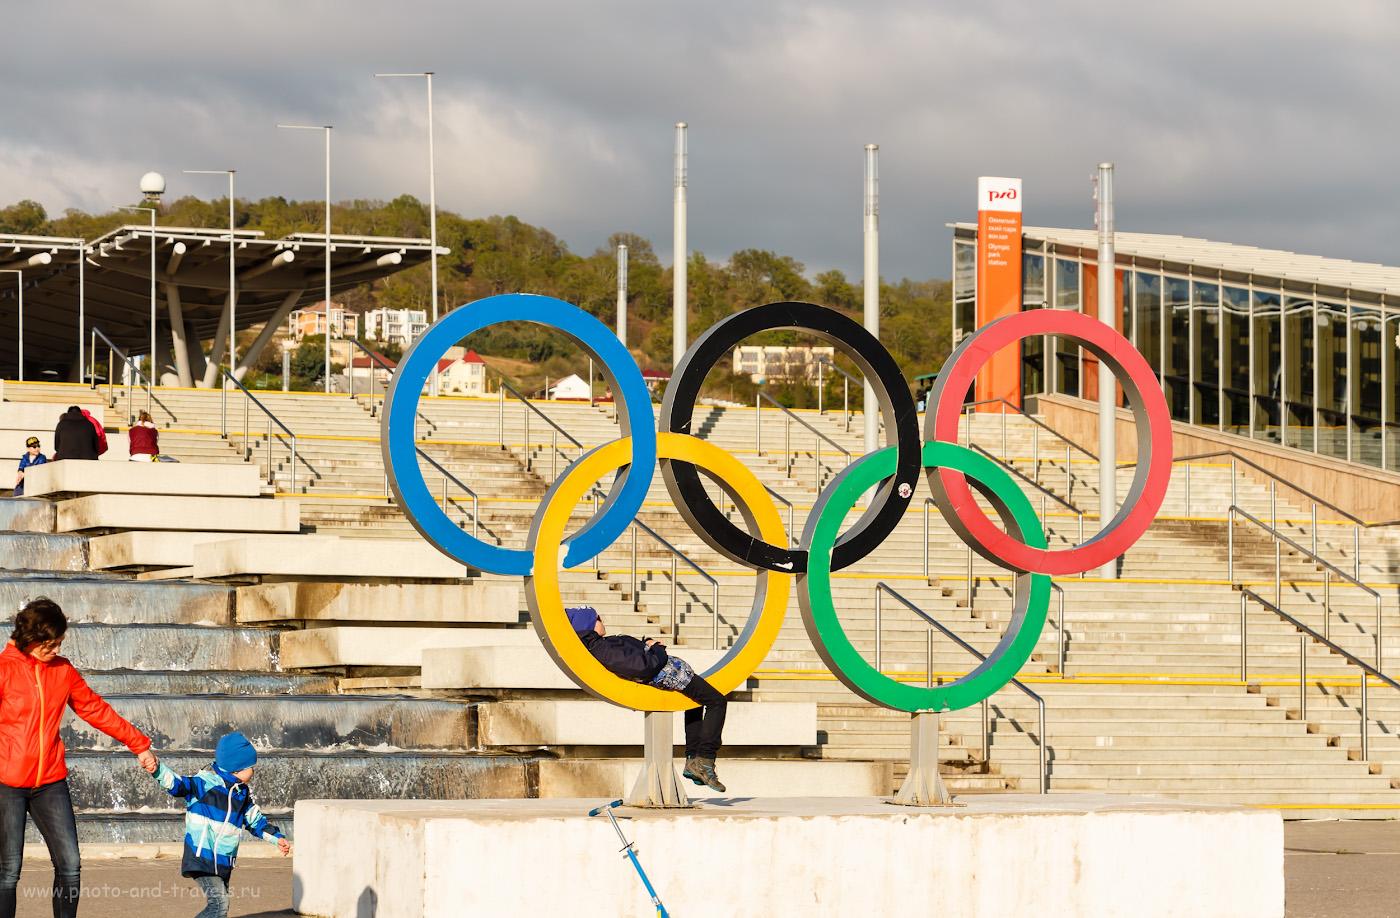 Снимок 38. Главный вход в Олимпийский парк. Олимпийское наследие в Сочи. 1/800, f/6.3, ISO 200, 64.